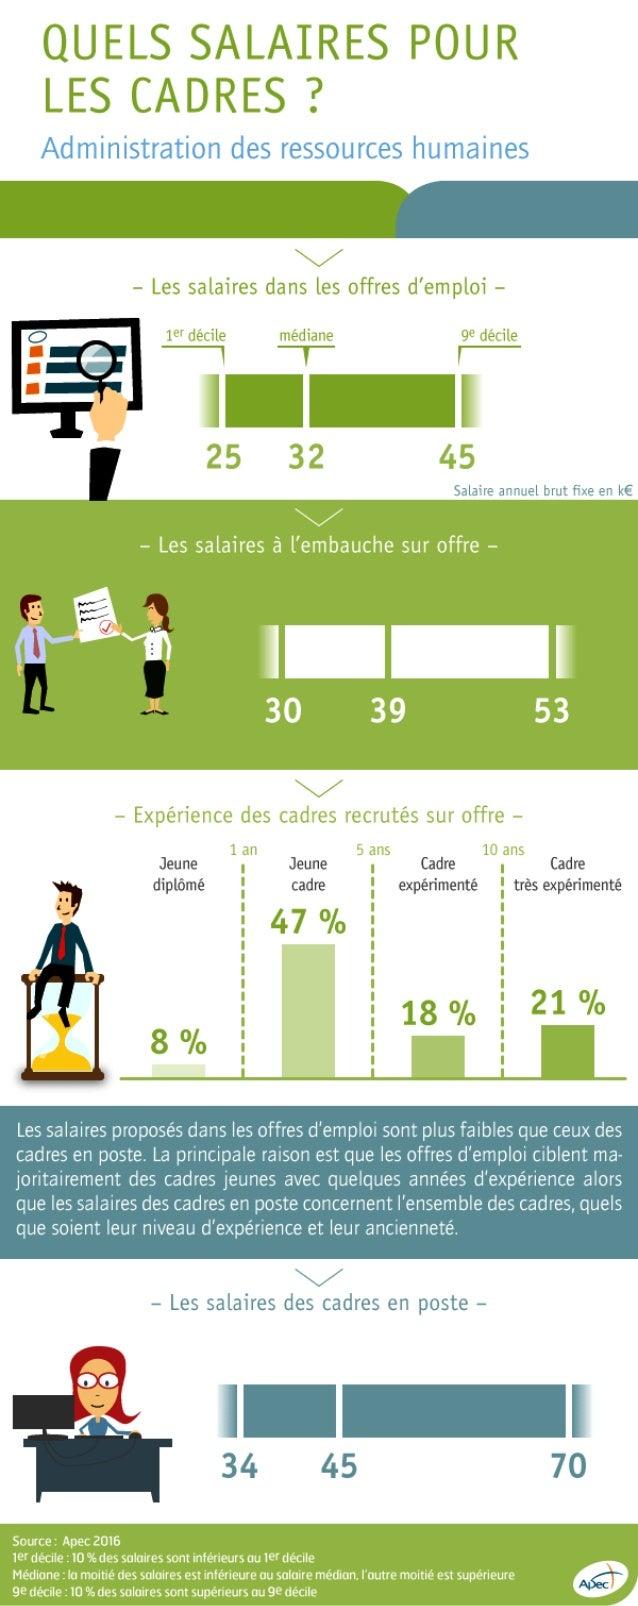 Infographie Apec - Salaires des cadres de la fonction administration des rh